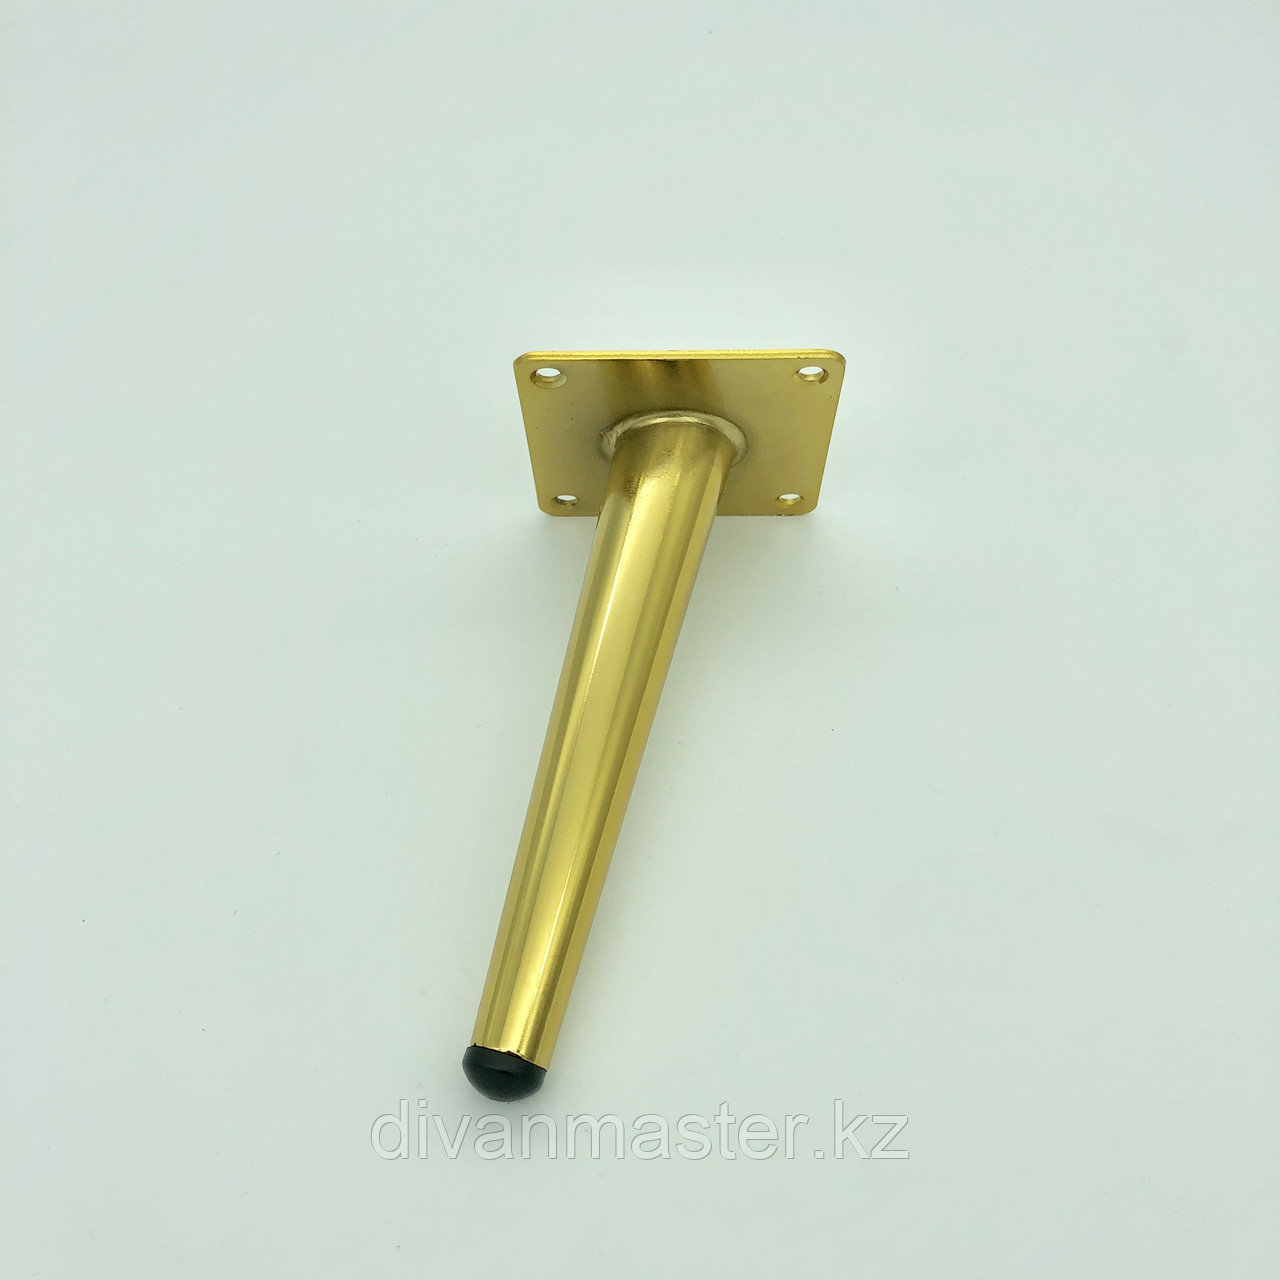 Ножка мебельная, стальная с наклоном 17 см.Золото